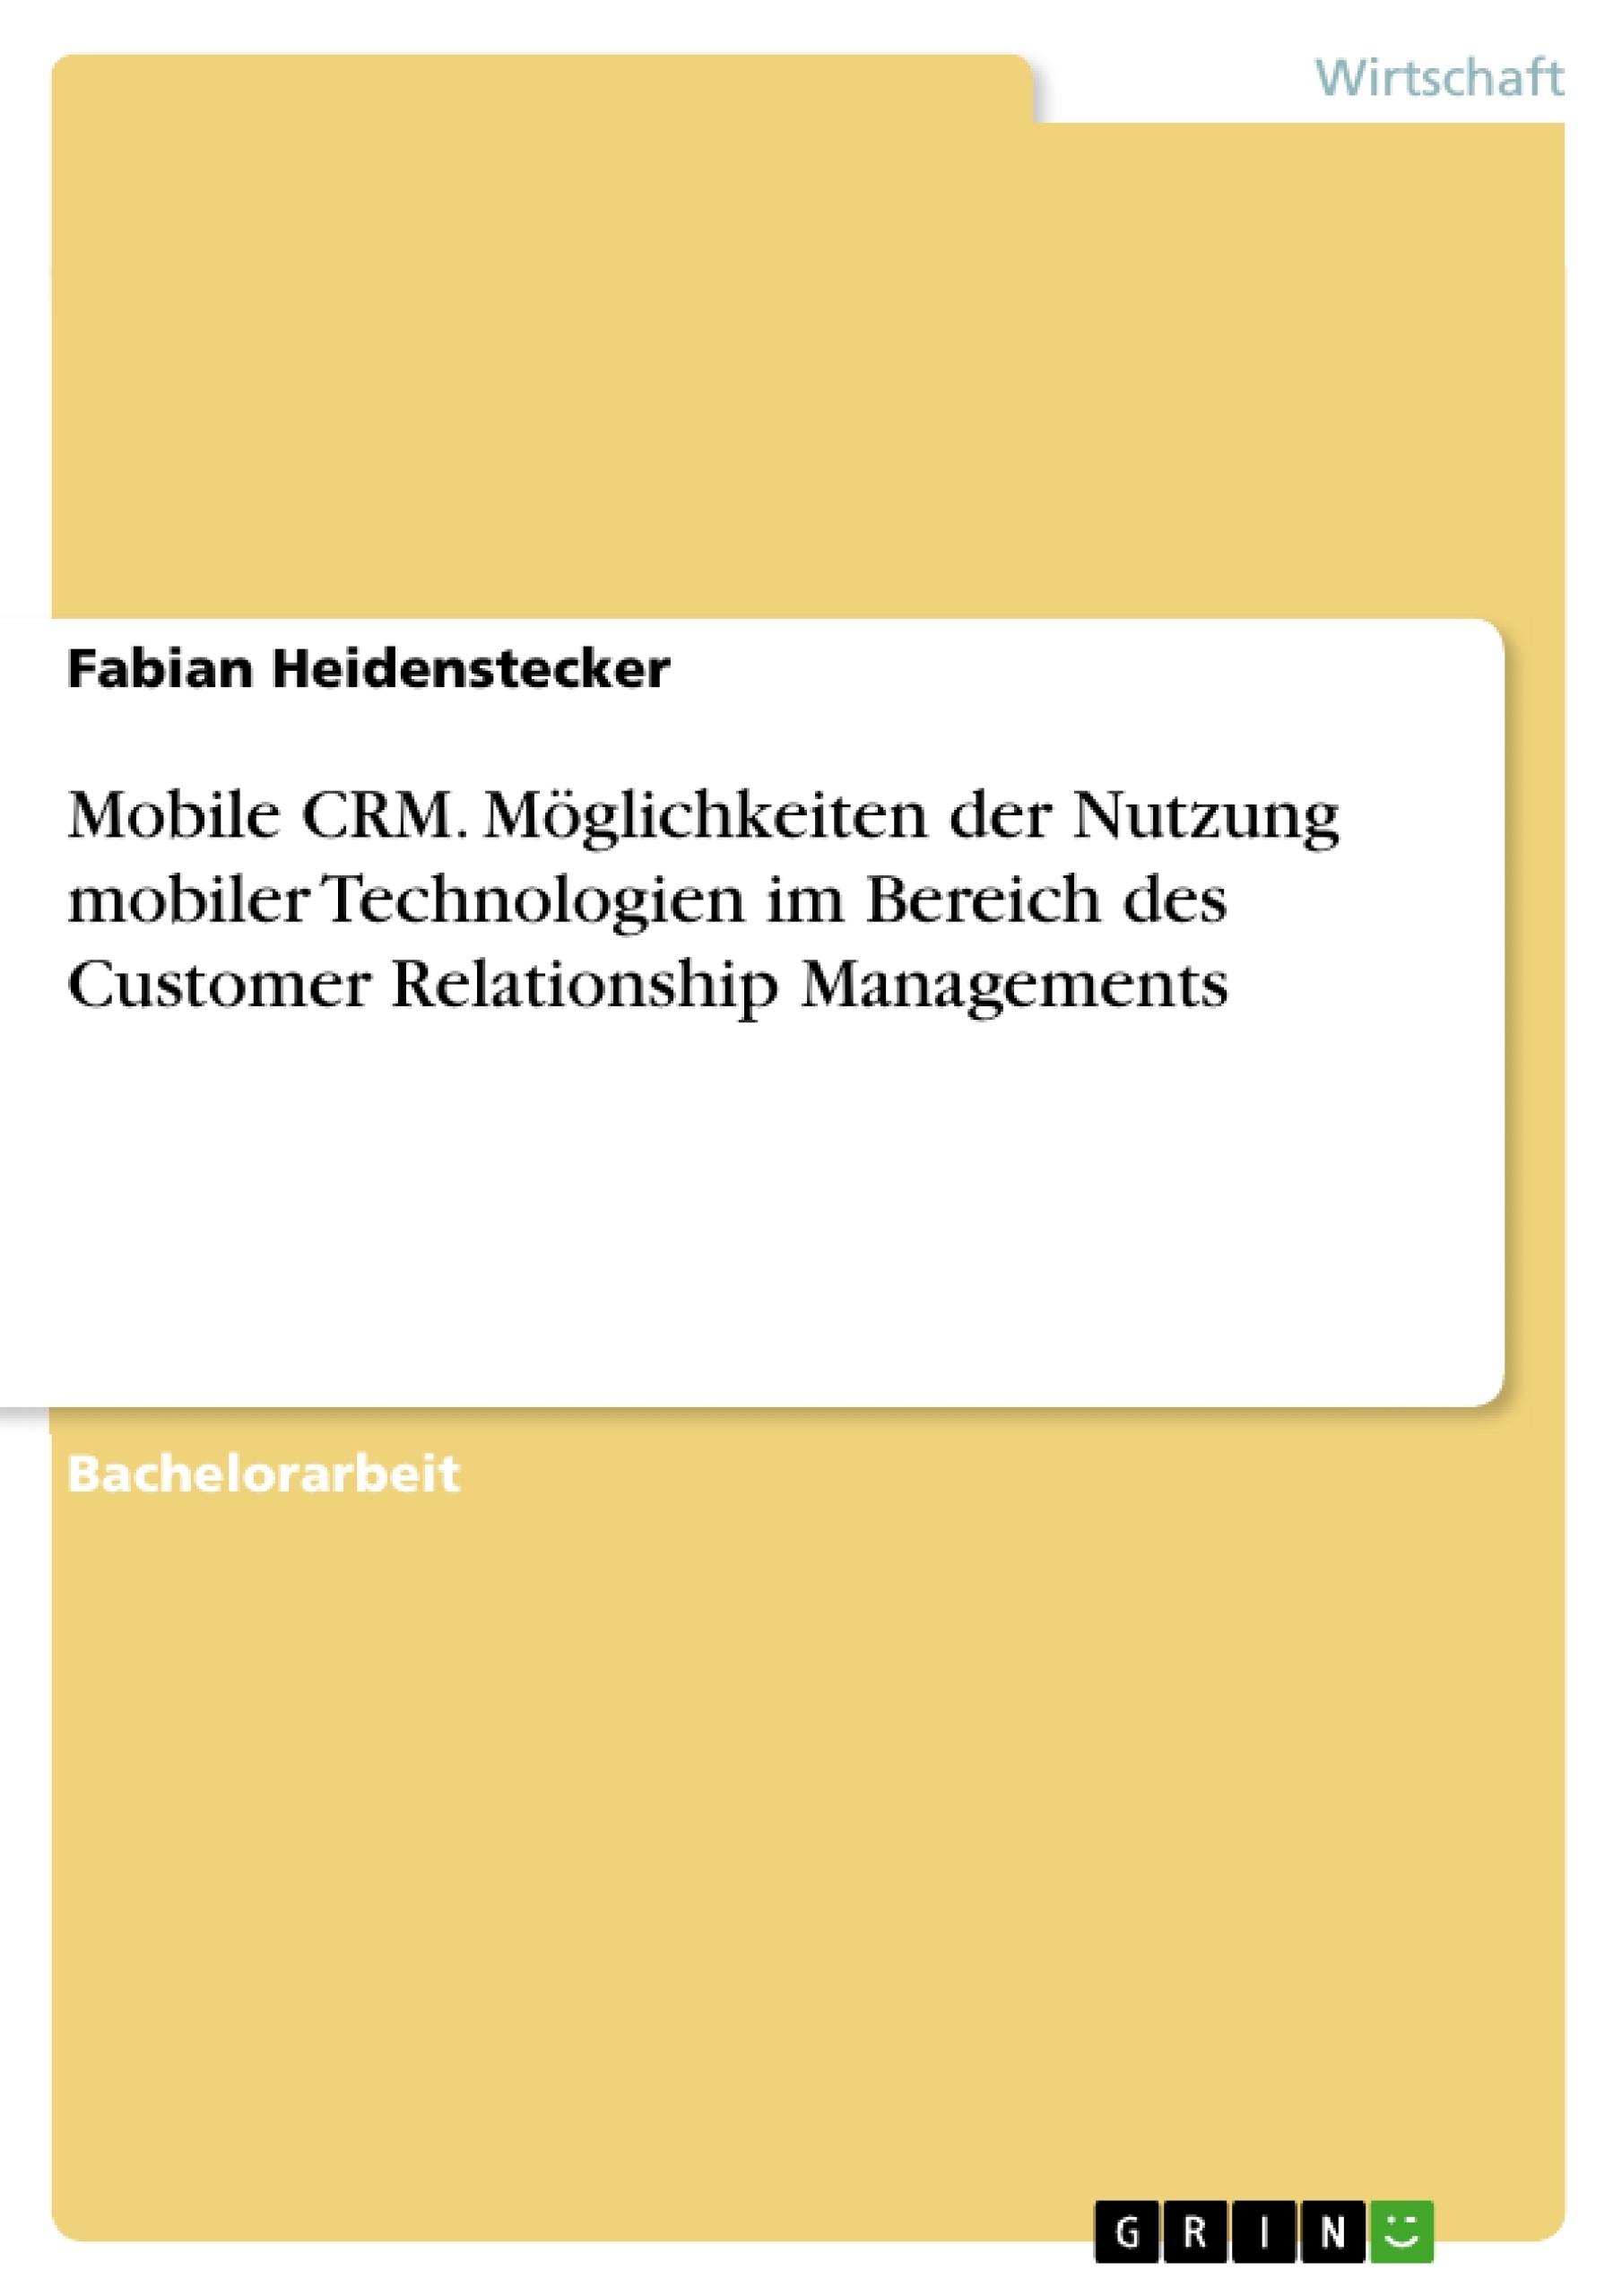 Titel: Mobile CRM. Möglichkeiten der Nutzung mobiler Technologien im Bereich des Customer Relationship Managements